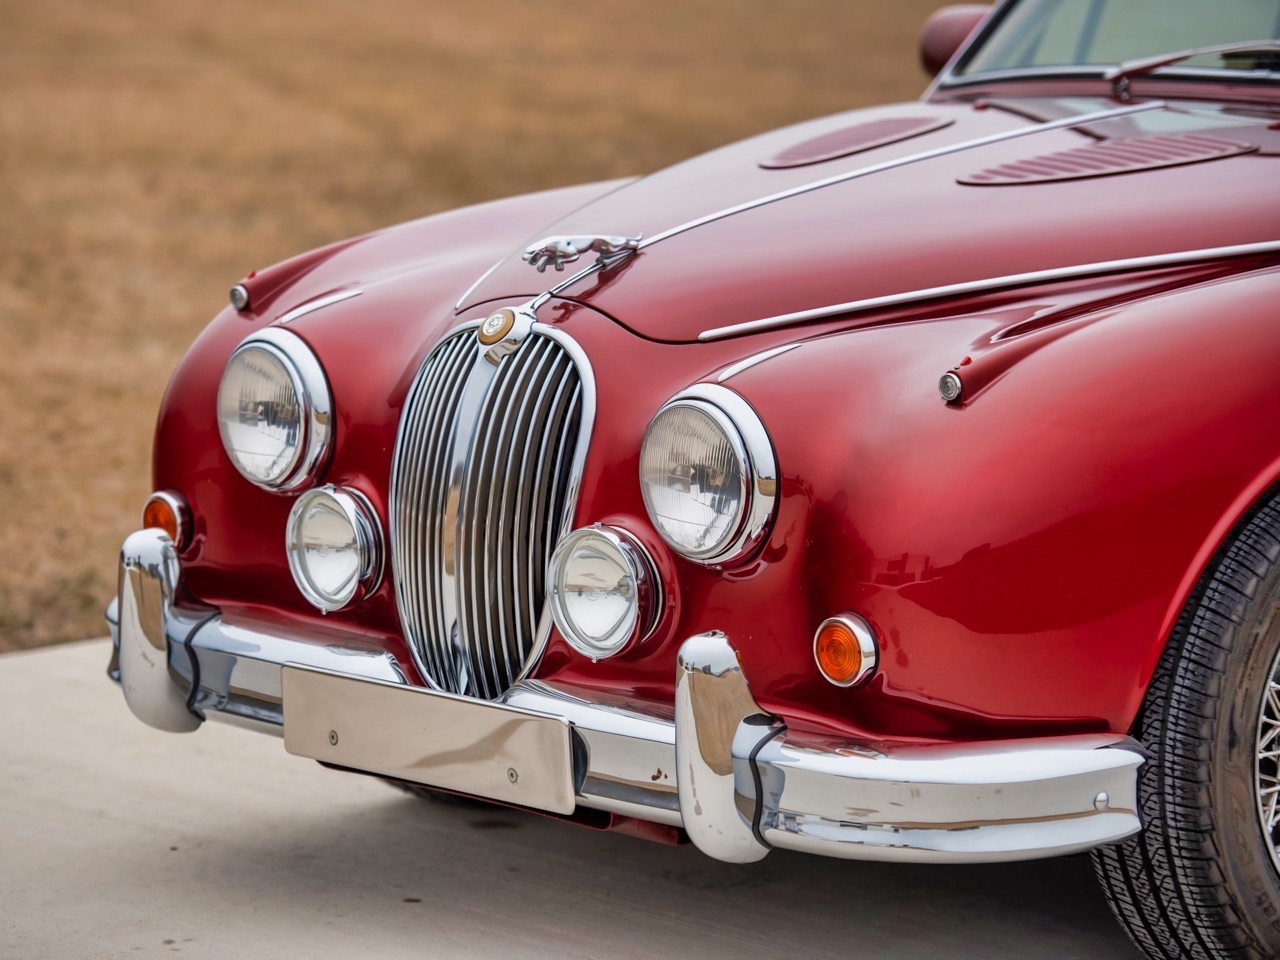 Restomod Jaguar MkII 3.8... enfin, plutôt Beacham V8 Supercharged ! 14